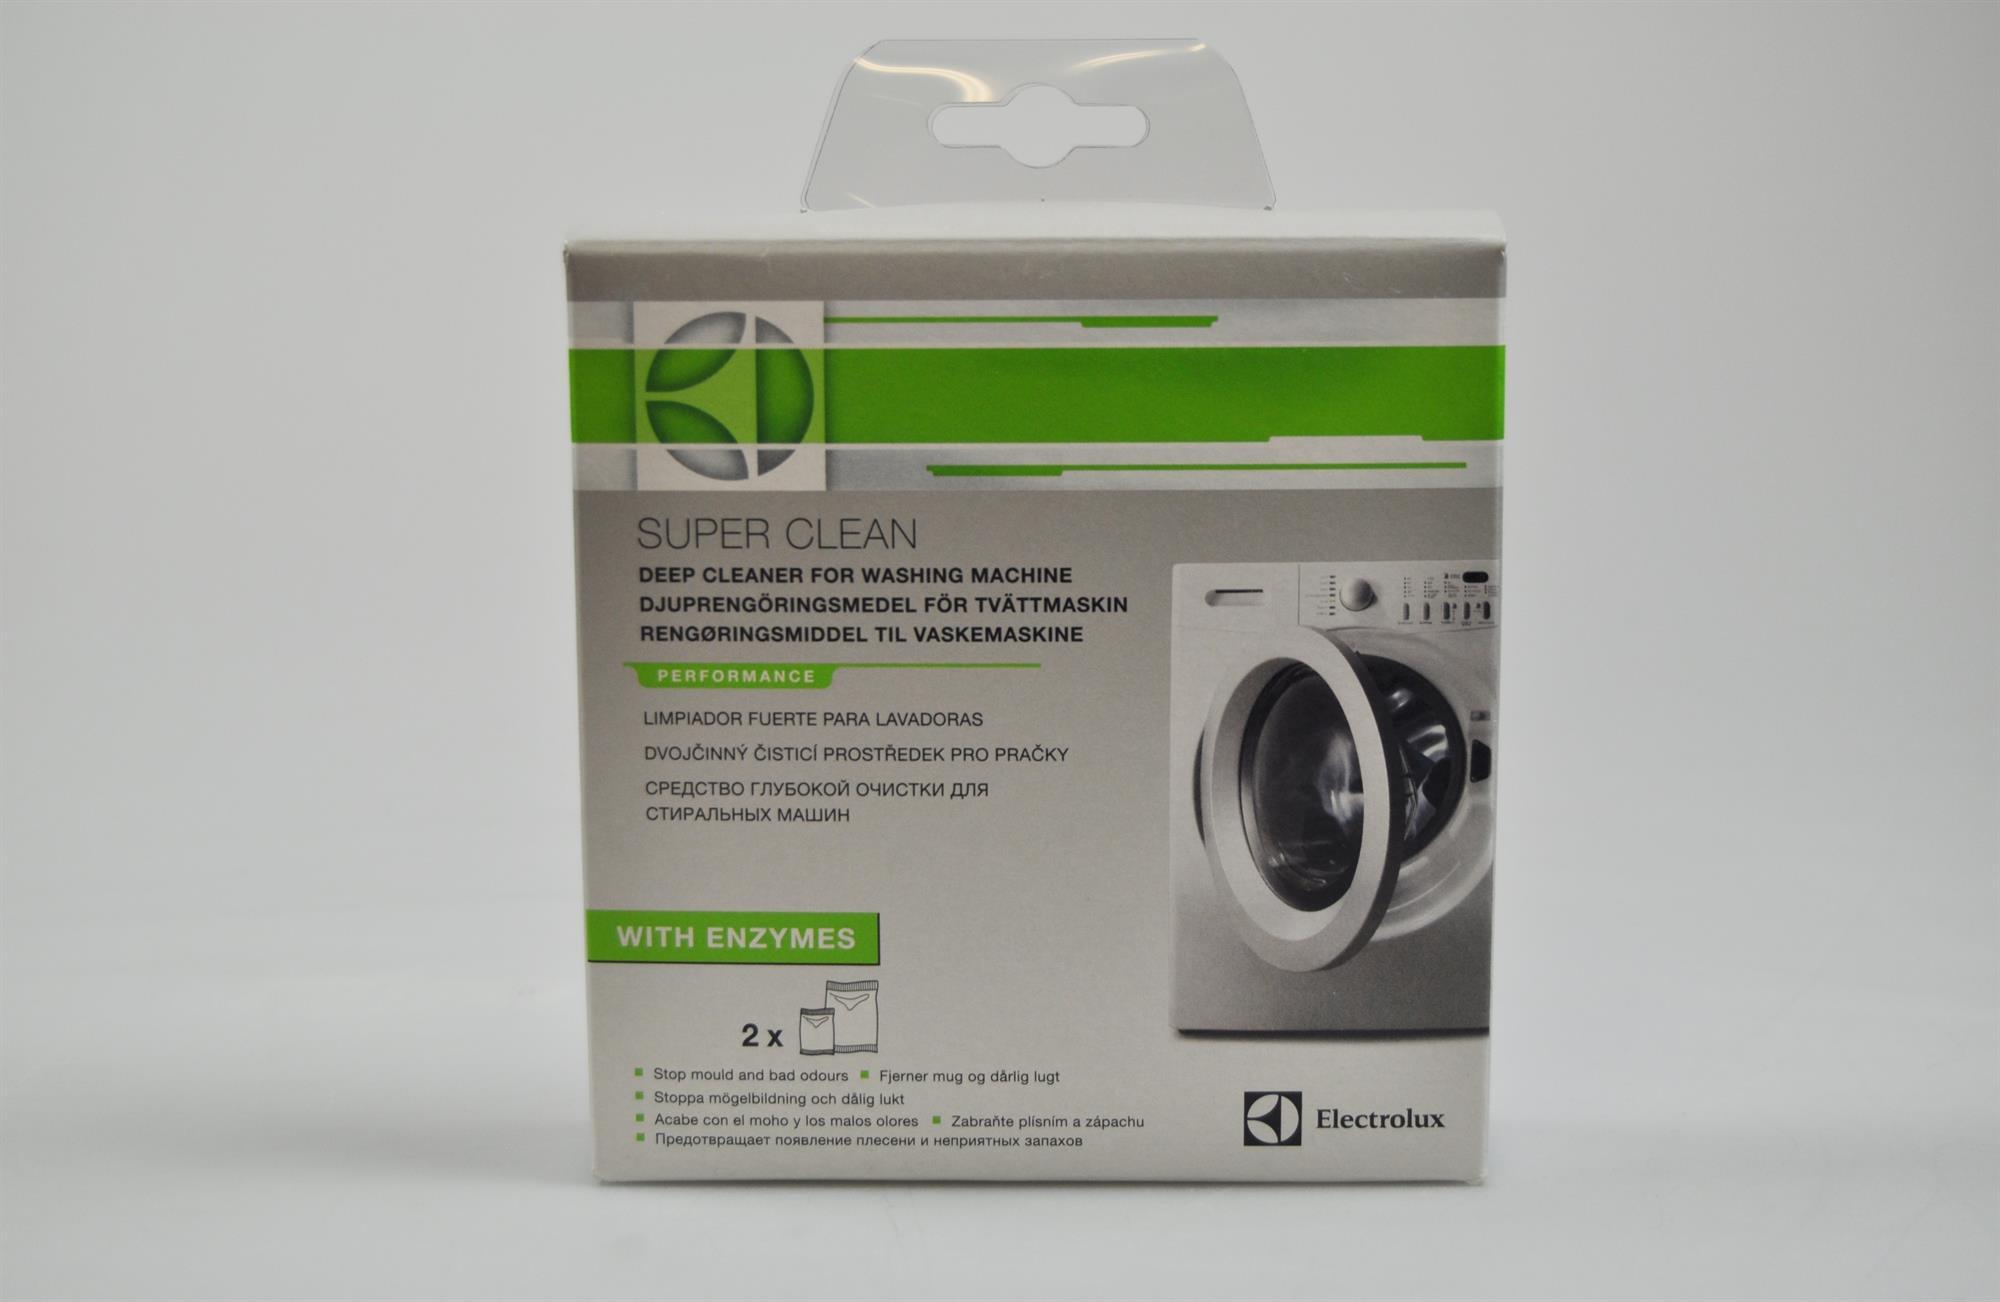 Fjern den dårlige lugt i vaskemaskinen, Universal vaskemaskine